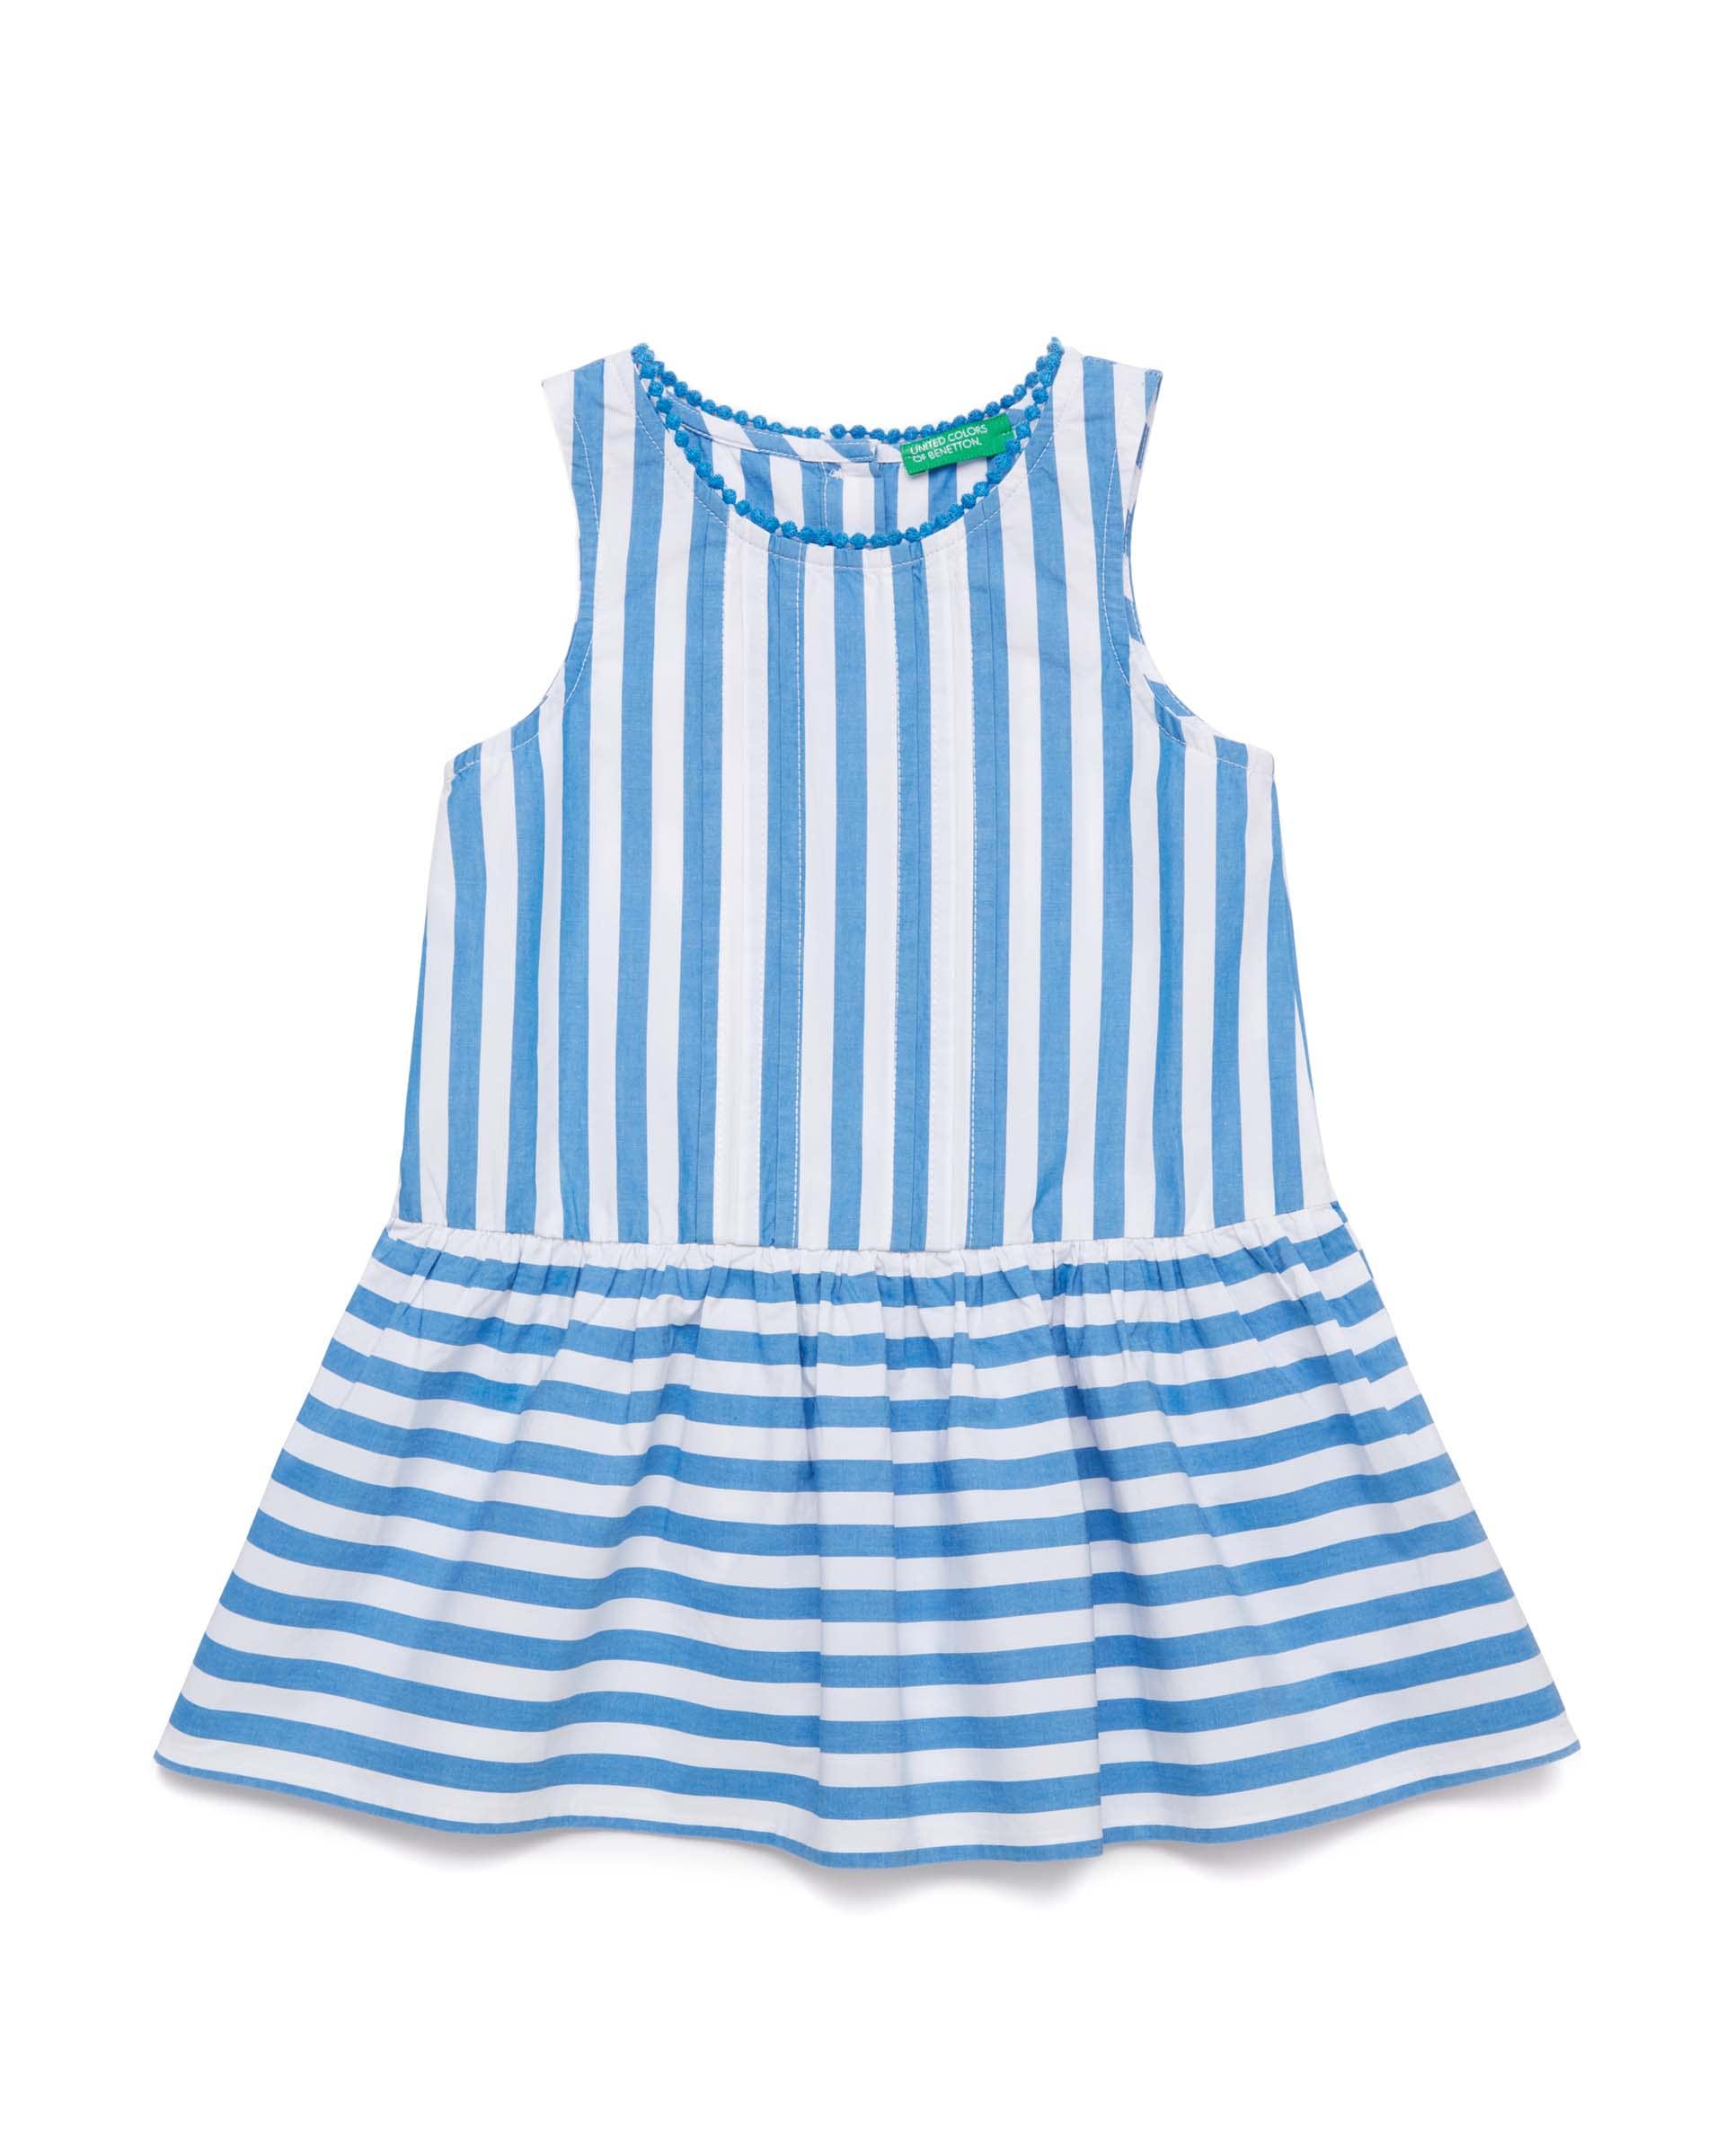 Купить 20P_4OT75V2LP_901, Платье для девочек Benetton 4OT75V2LP_901 р-р 92, United Colors of Benetton, Платья для новорожденных